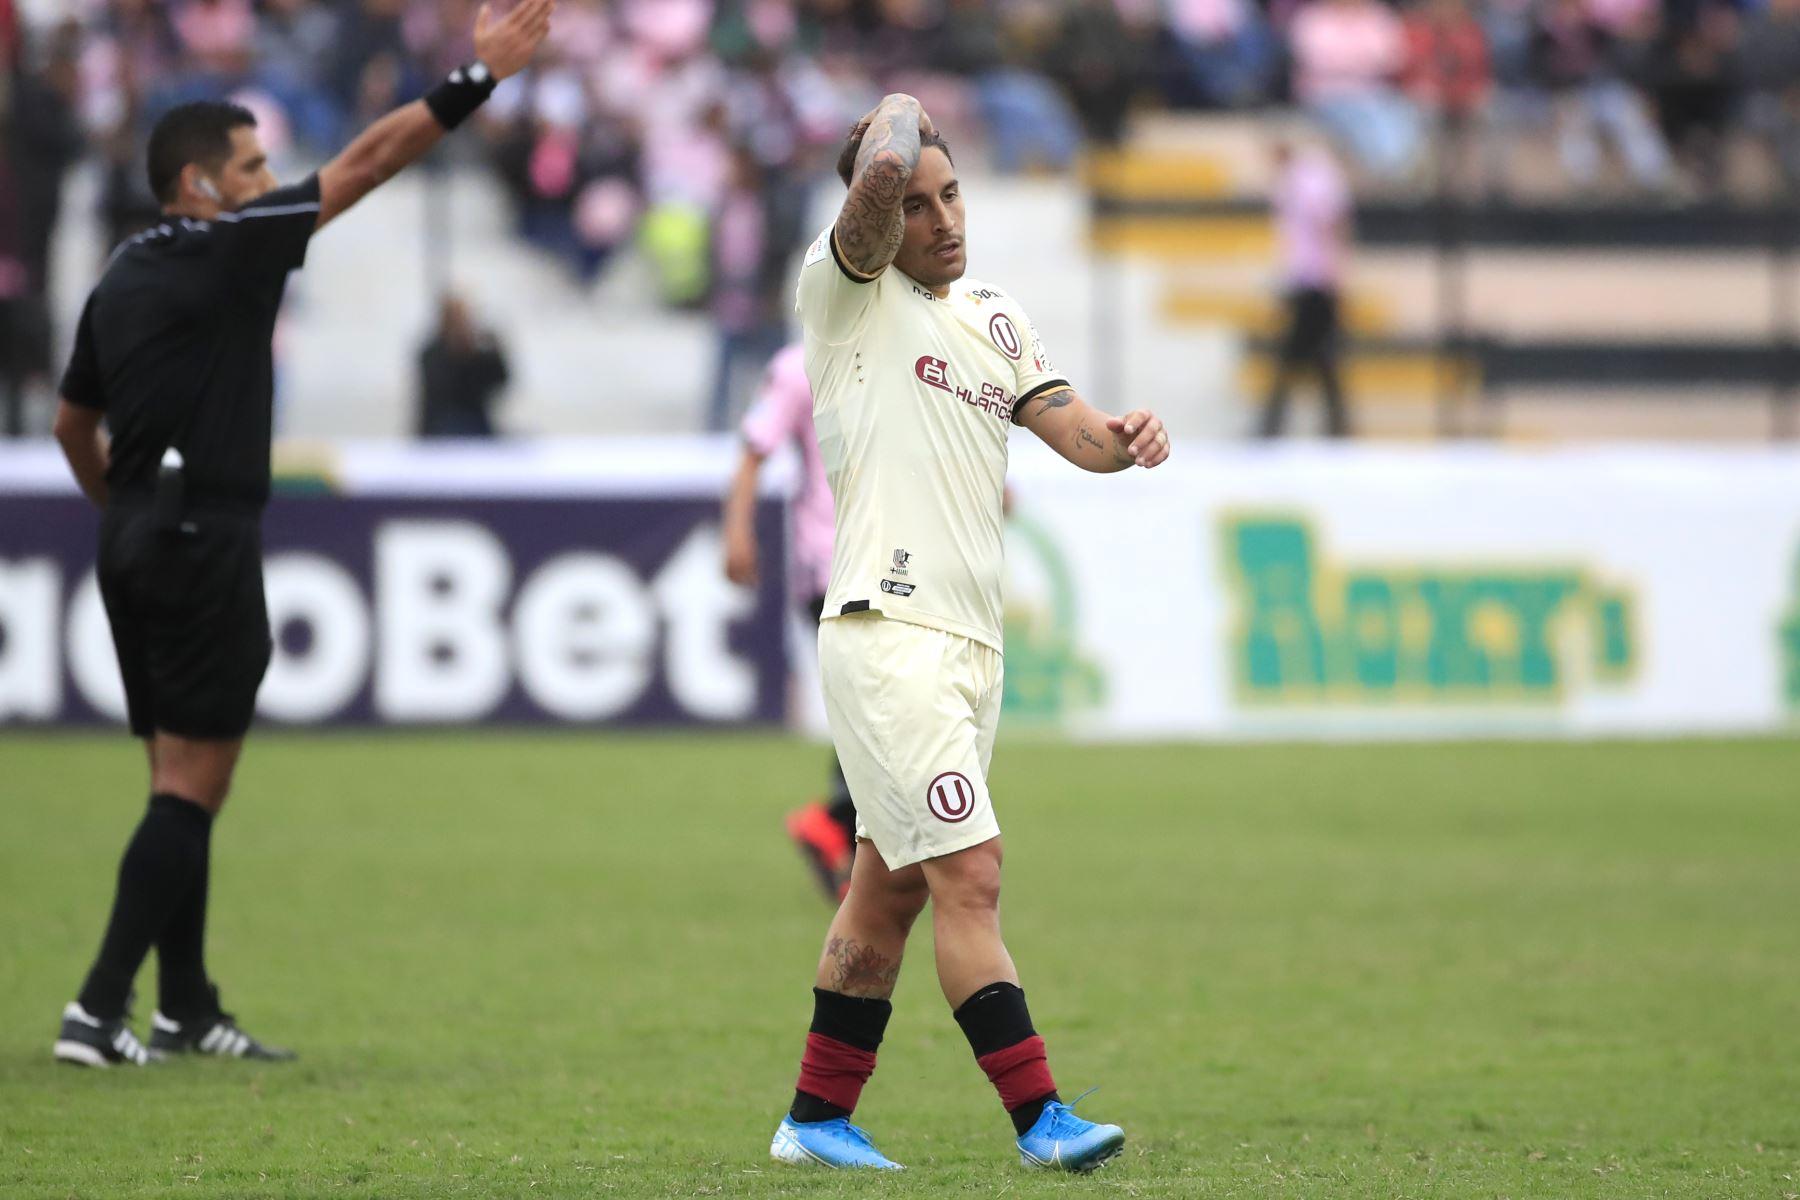 Alejandro Hohberg de Universitario se toma la cabeza durante el partido ante el Sport Boys en el estadio Miguel Grau del Callao.   Foto: Andina/Juan Carlos Guzmán Negrini